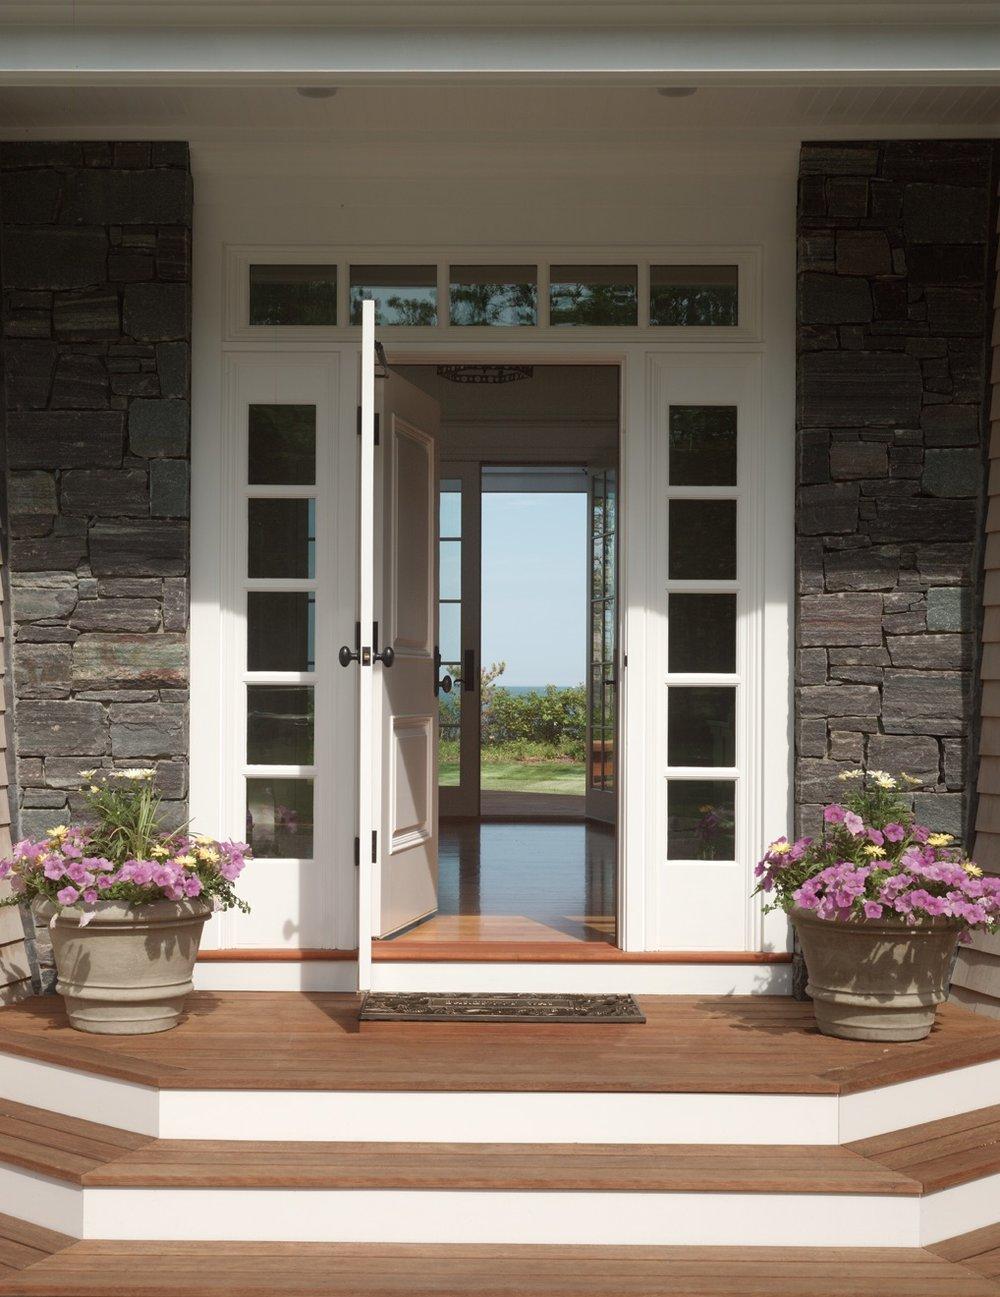 Front door opens to the view